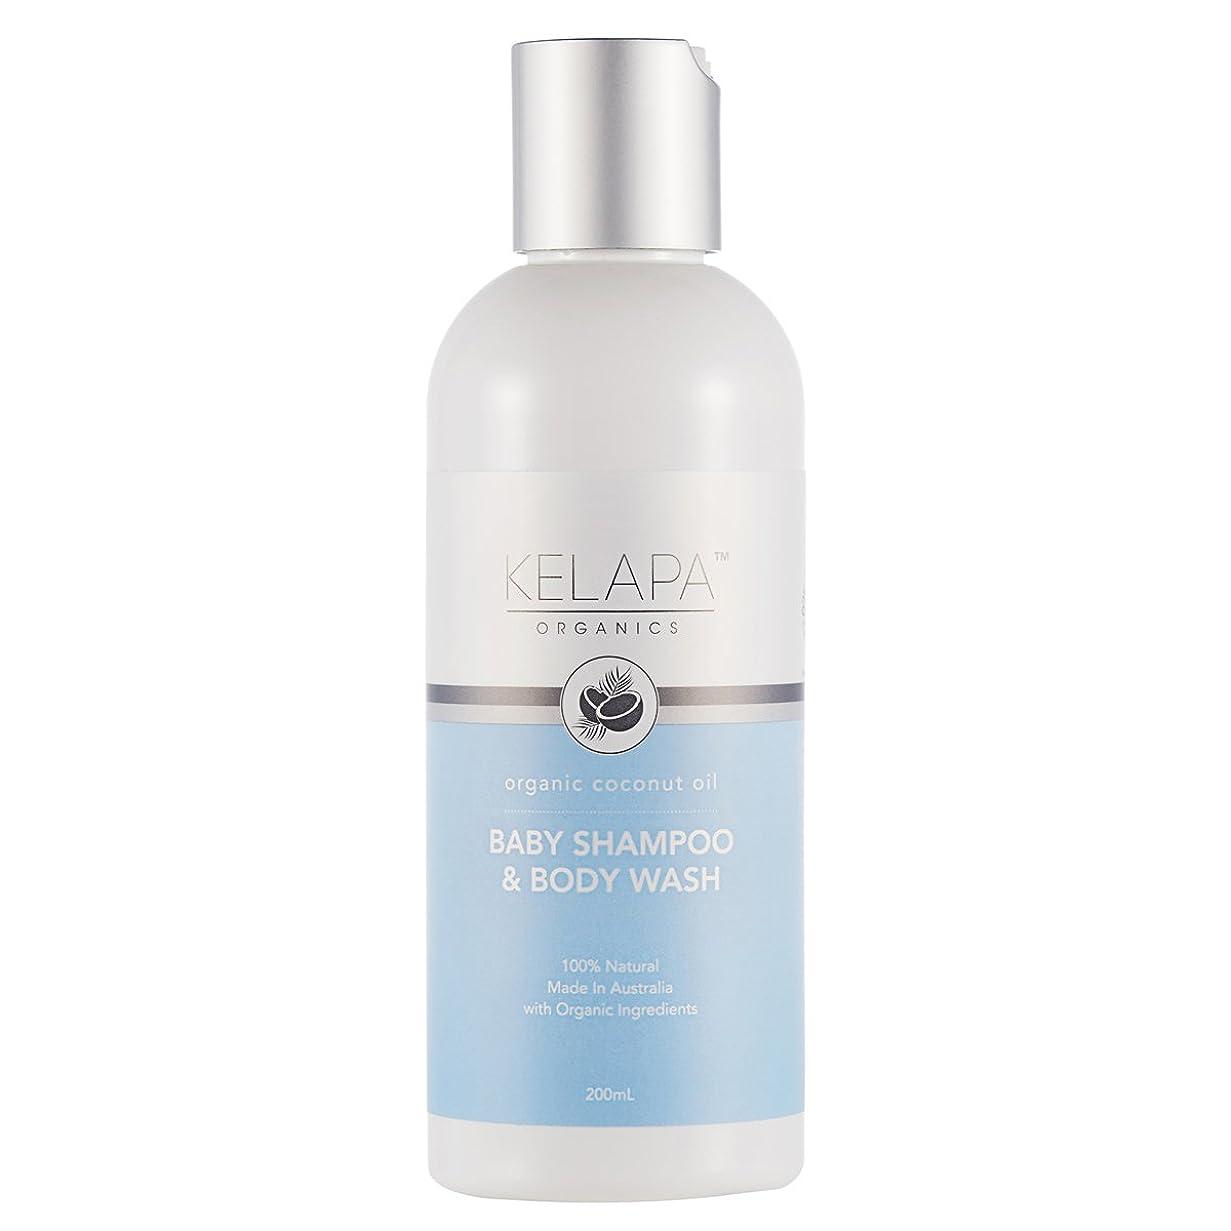 クスクス乗って今晩Kelapa Organics Baby Shampoo & Body Wash ベイビーシャンプー&ボディウォッシュ 200ml